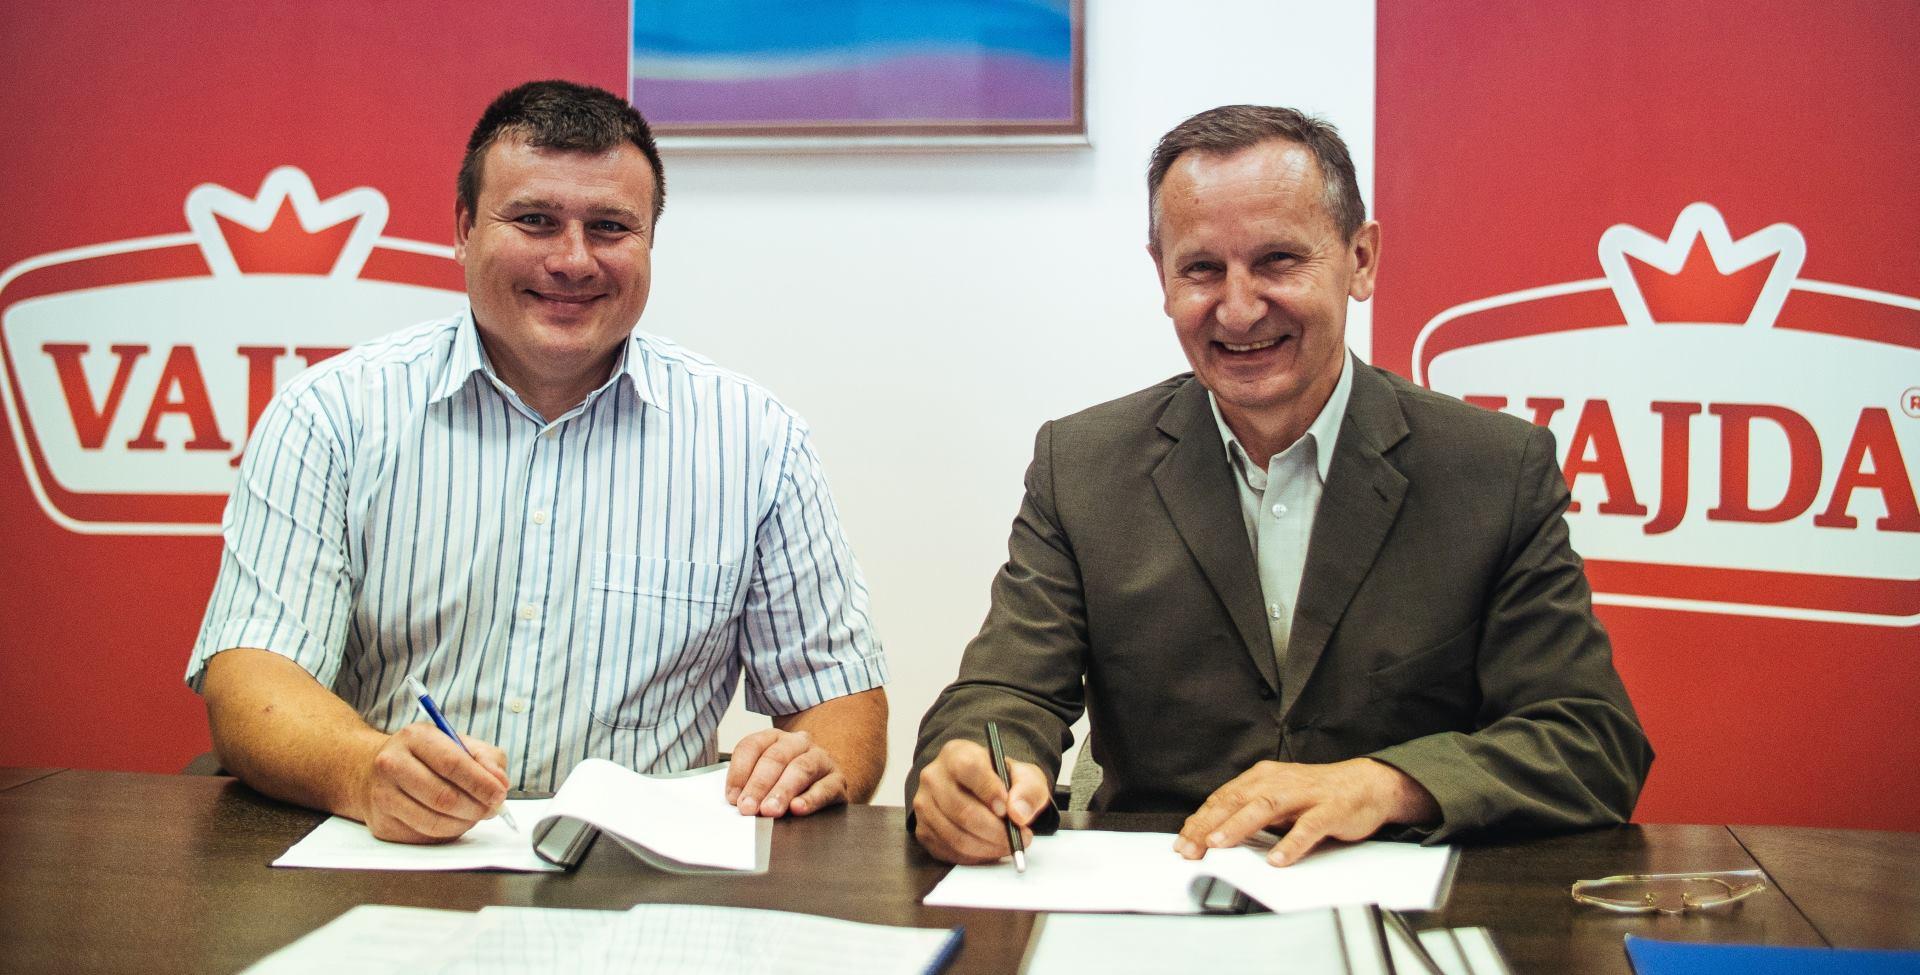 Novi Kolektivni ugovor potpisan u čakovečkoj Mesnoj industriji Vajda